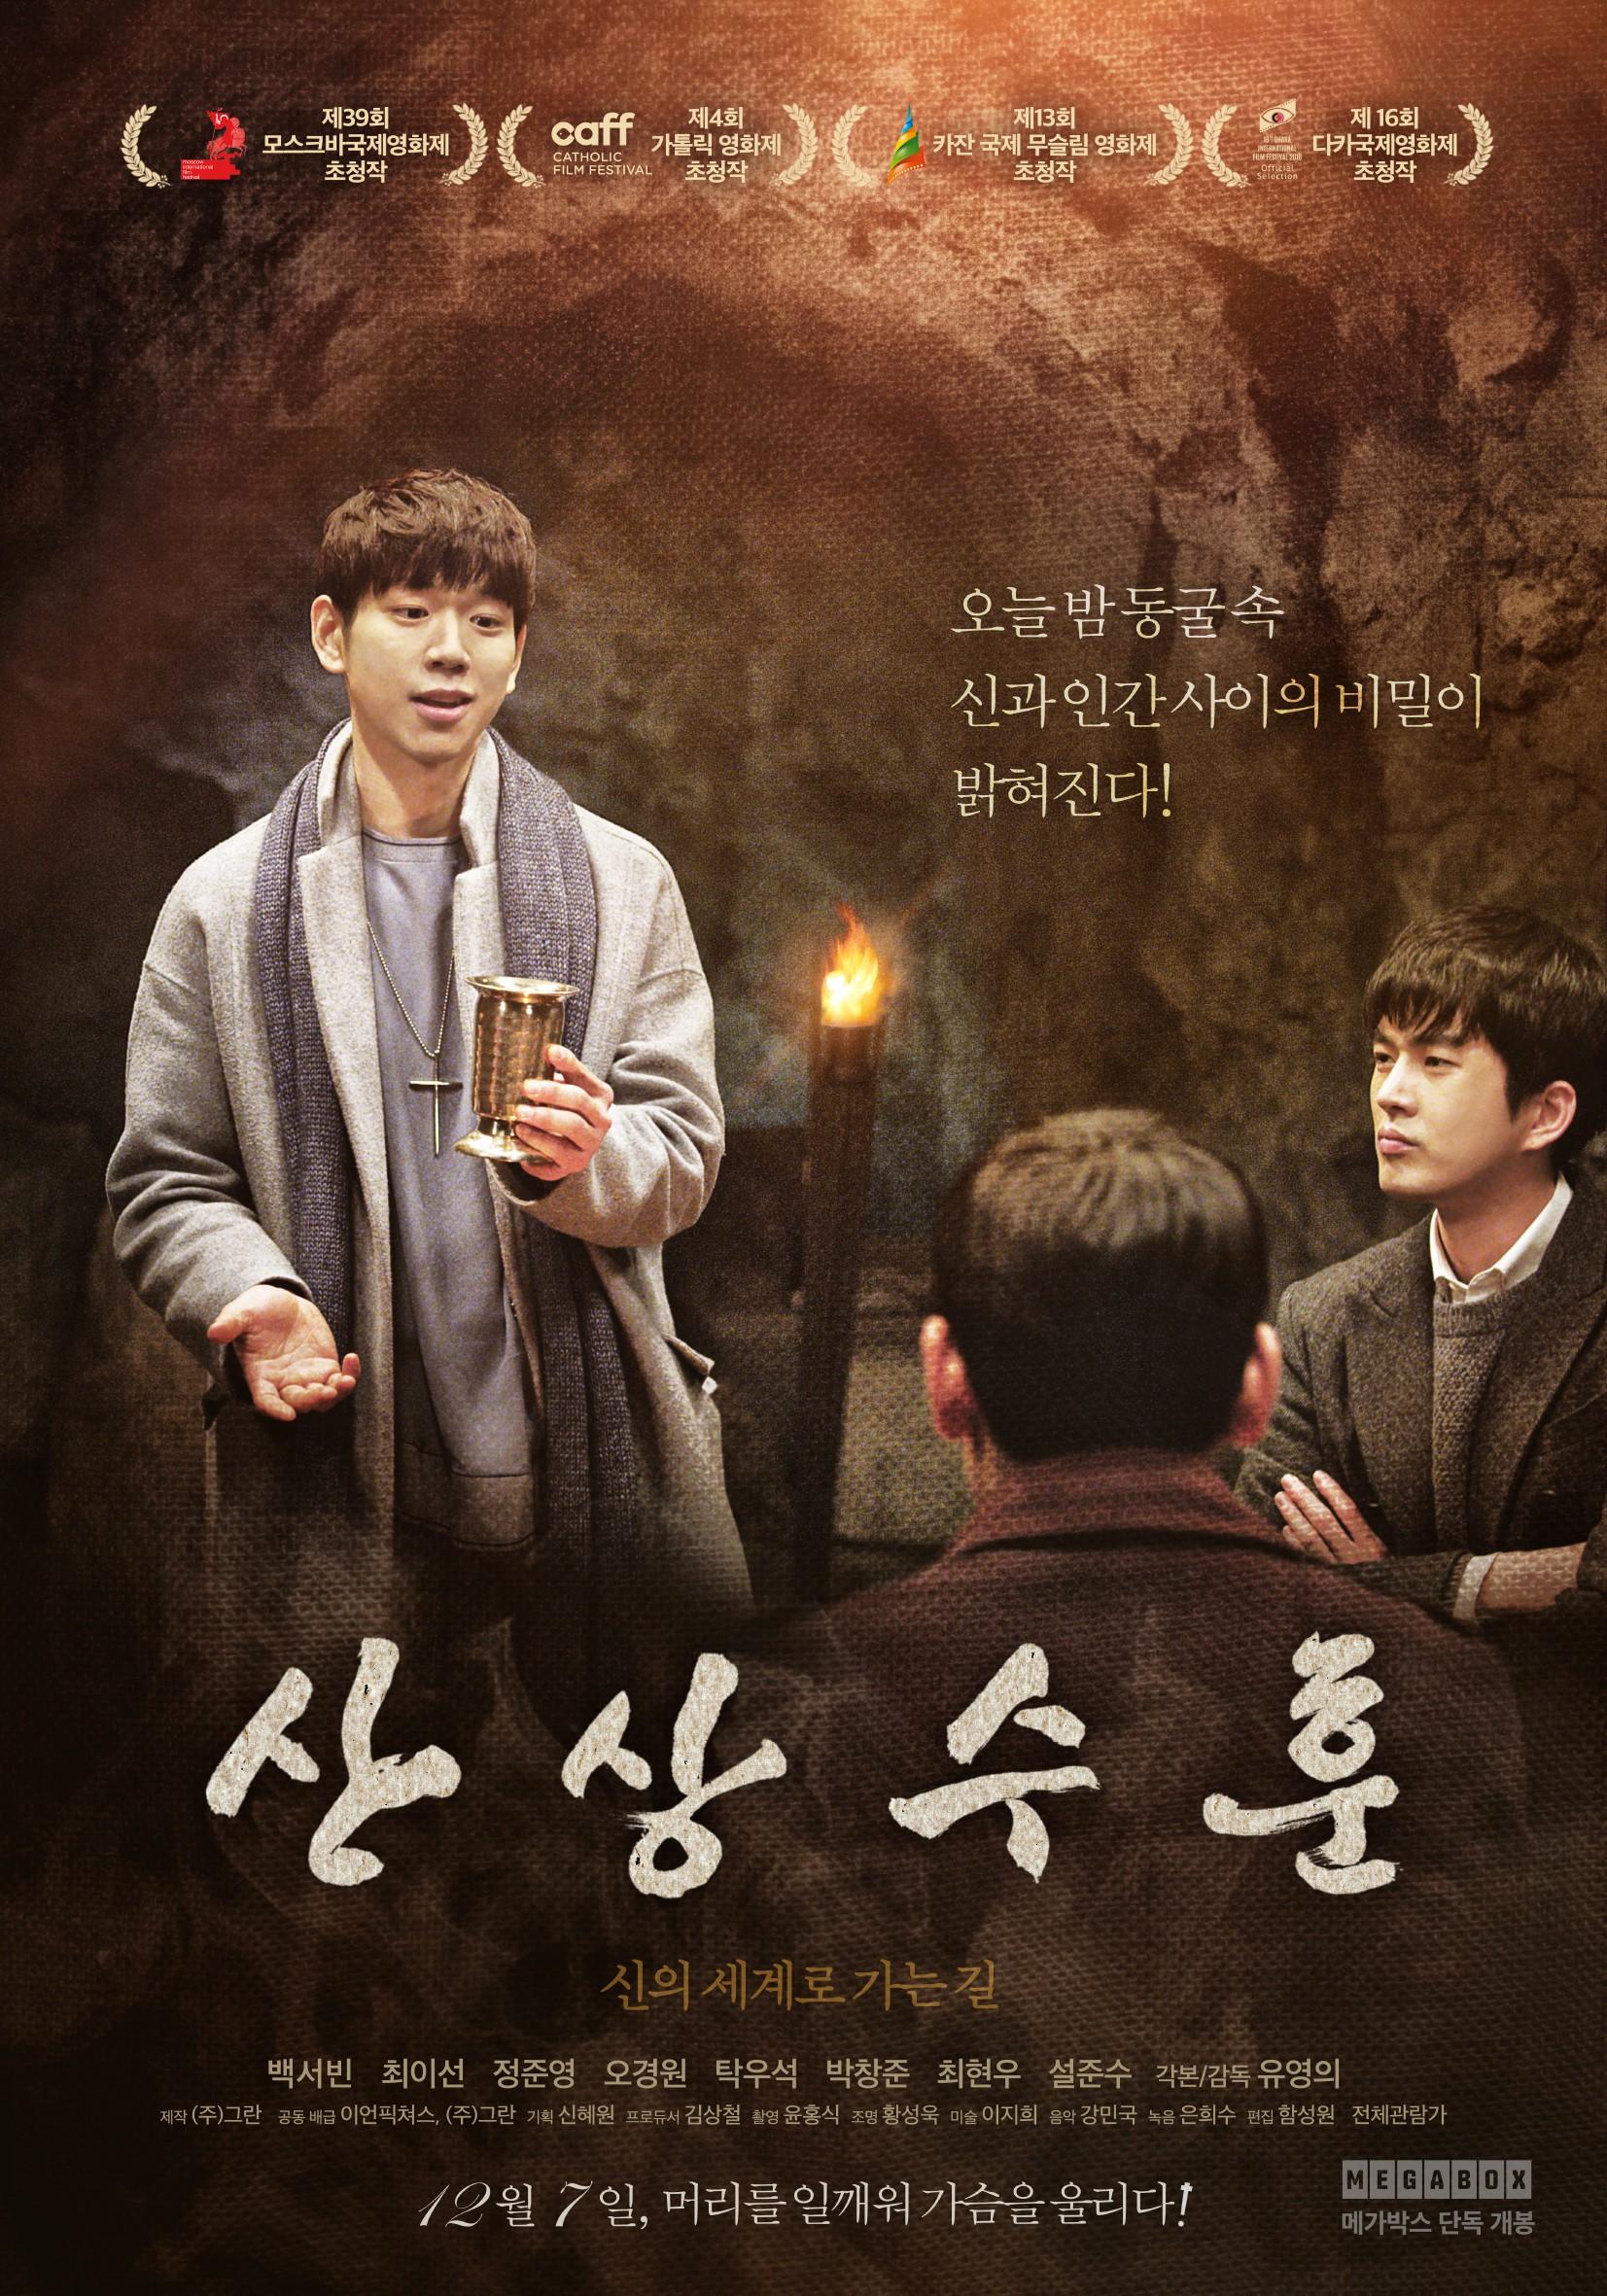 Đừng bỏ lỡ 7 phim điện ảnh Hàn đặc sắc khép lại năm 2017! - Ảnh 5.